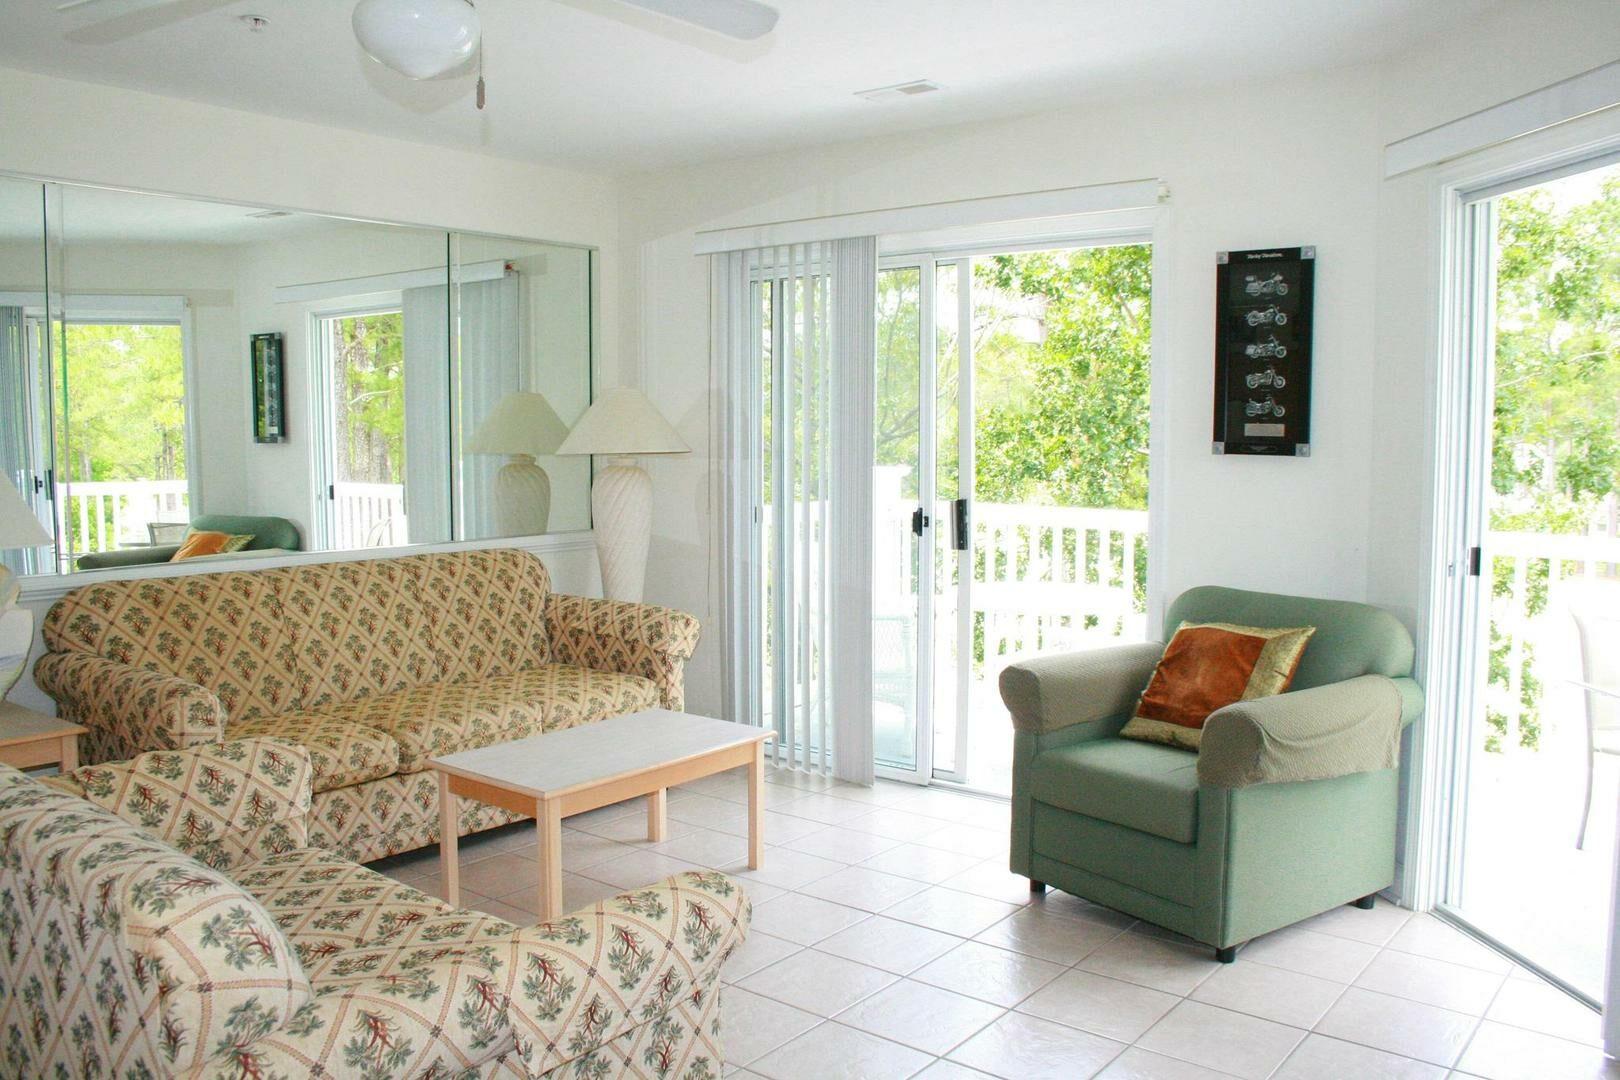 2109M 1 Bedroom/1 Bath Villa